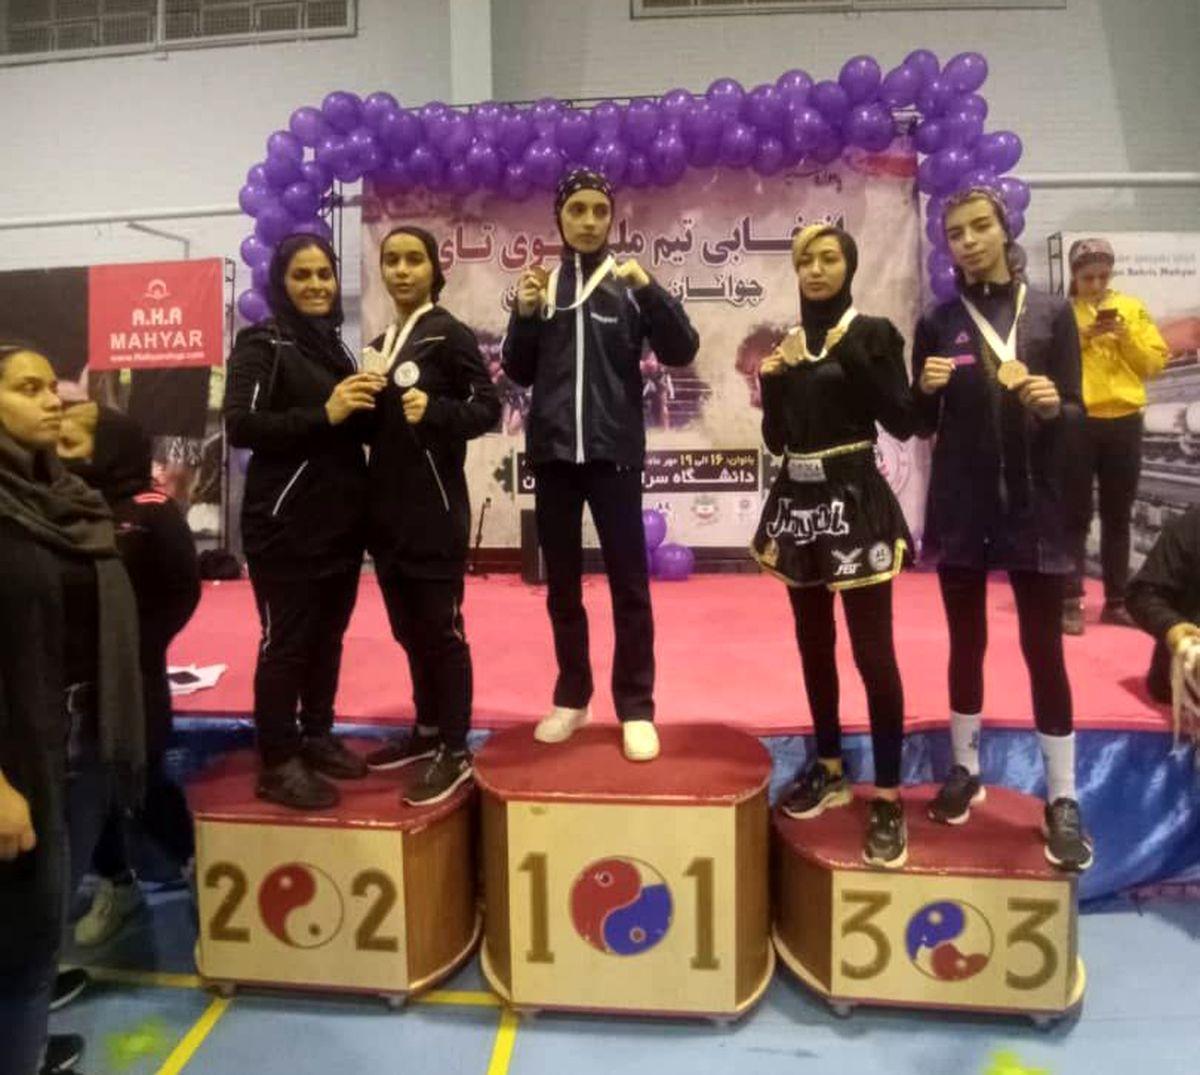 کسب مدال نقره و راهیابی به تیم ملی موی تای جوانان توسط دختر گلستانی